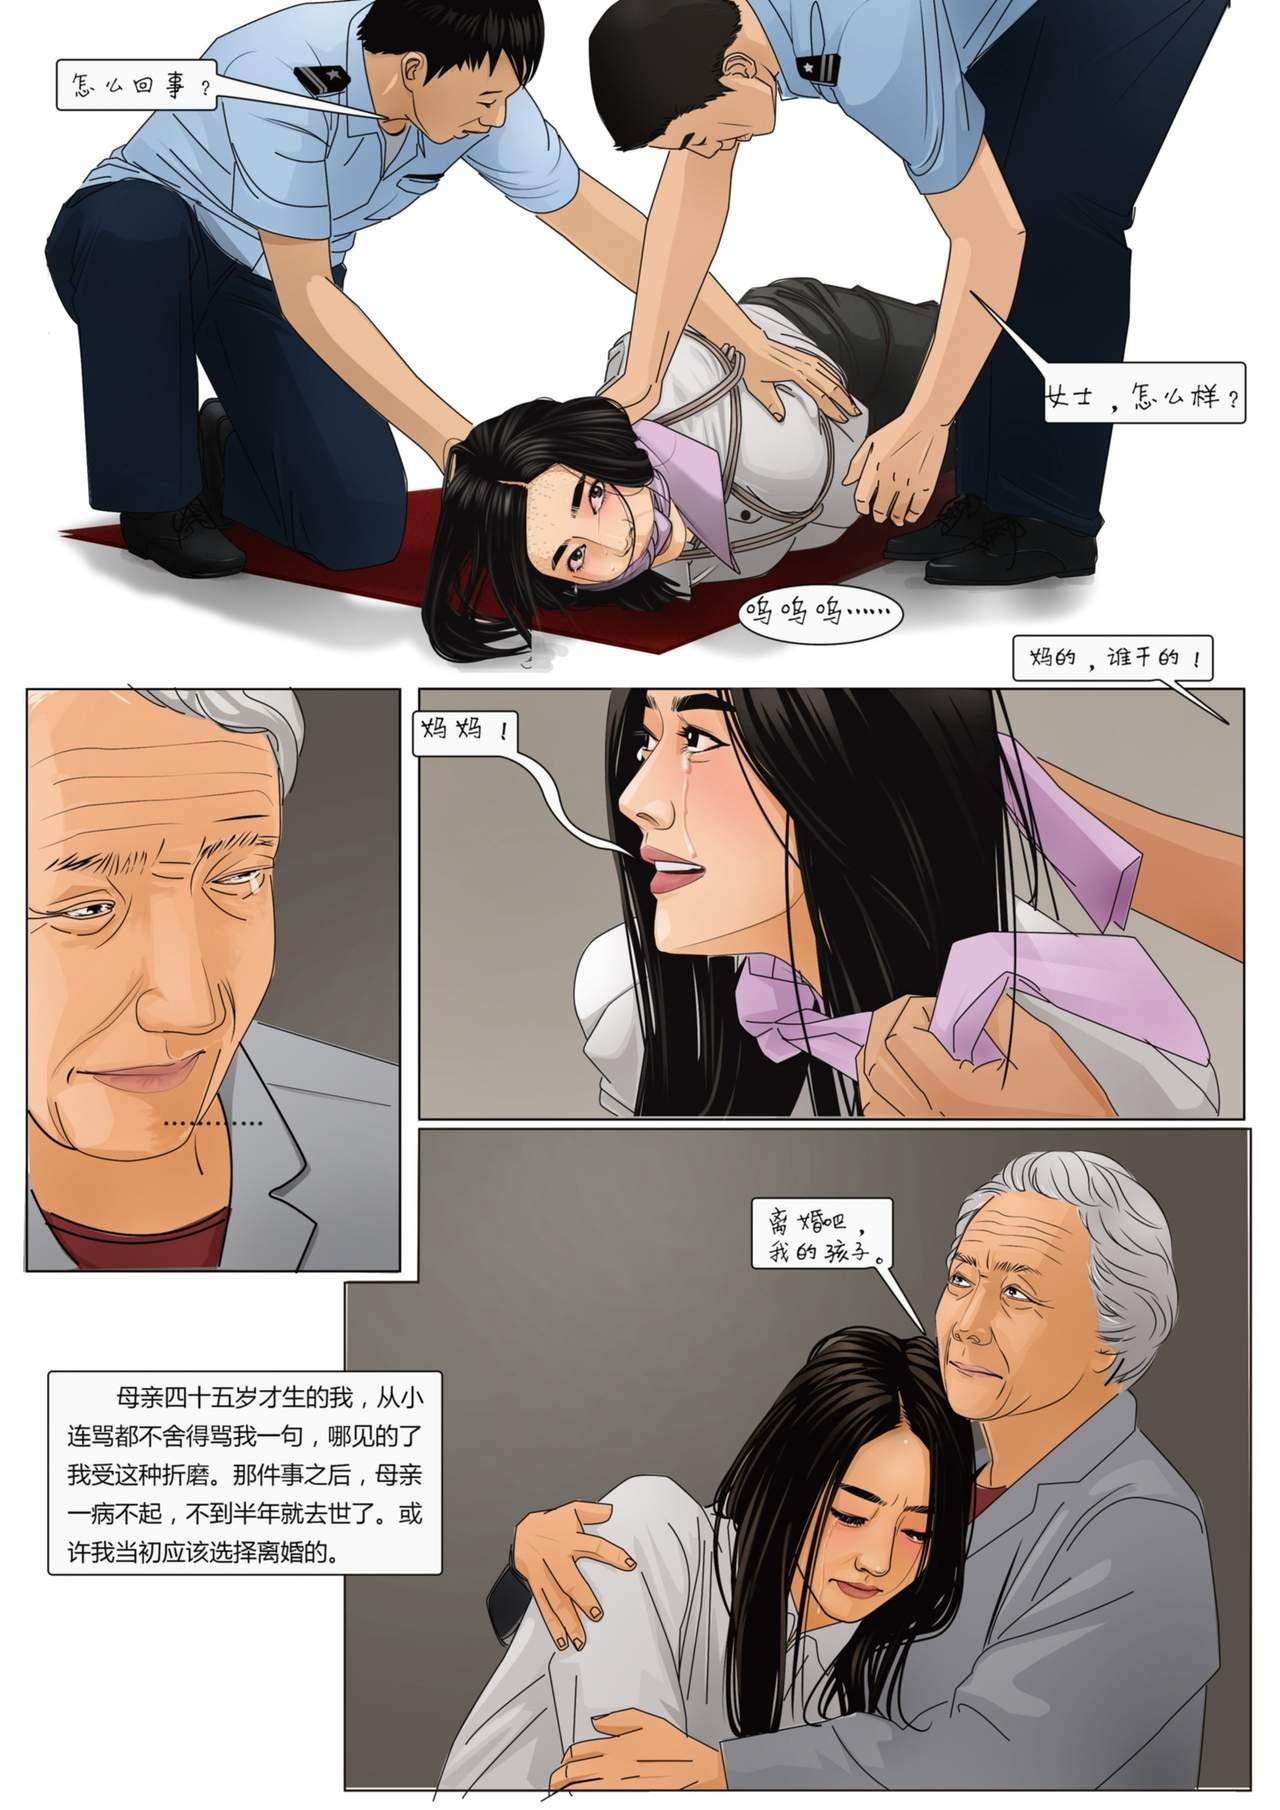 [枫语]Three Female Prisoners 3 [Chinese]中文 3